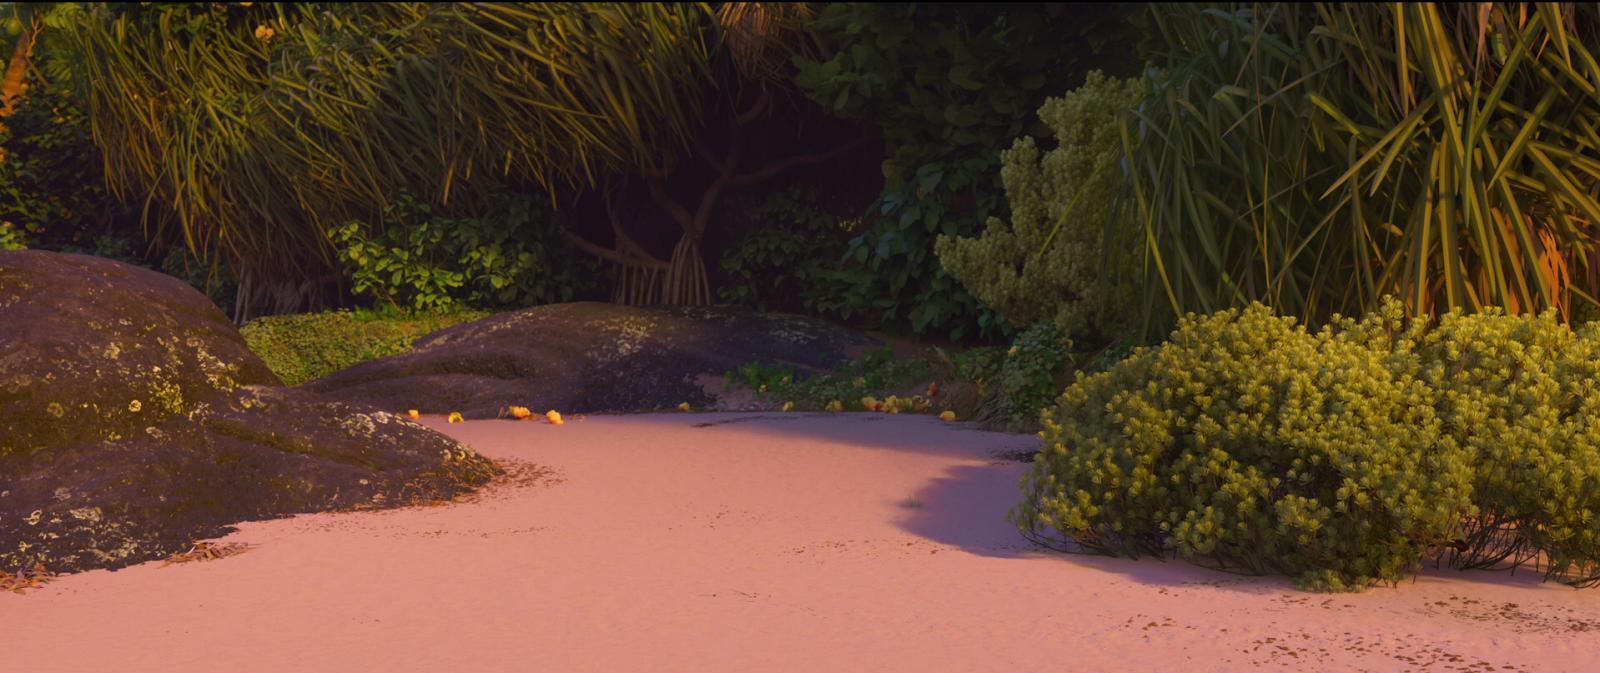 Moana Un Mar De Aventuras (2016) 1080p BD25 LATINO 2D y 3D 2